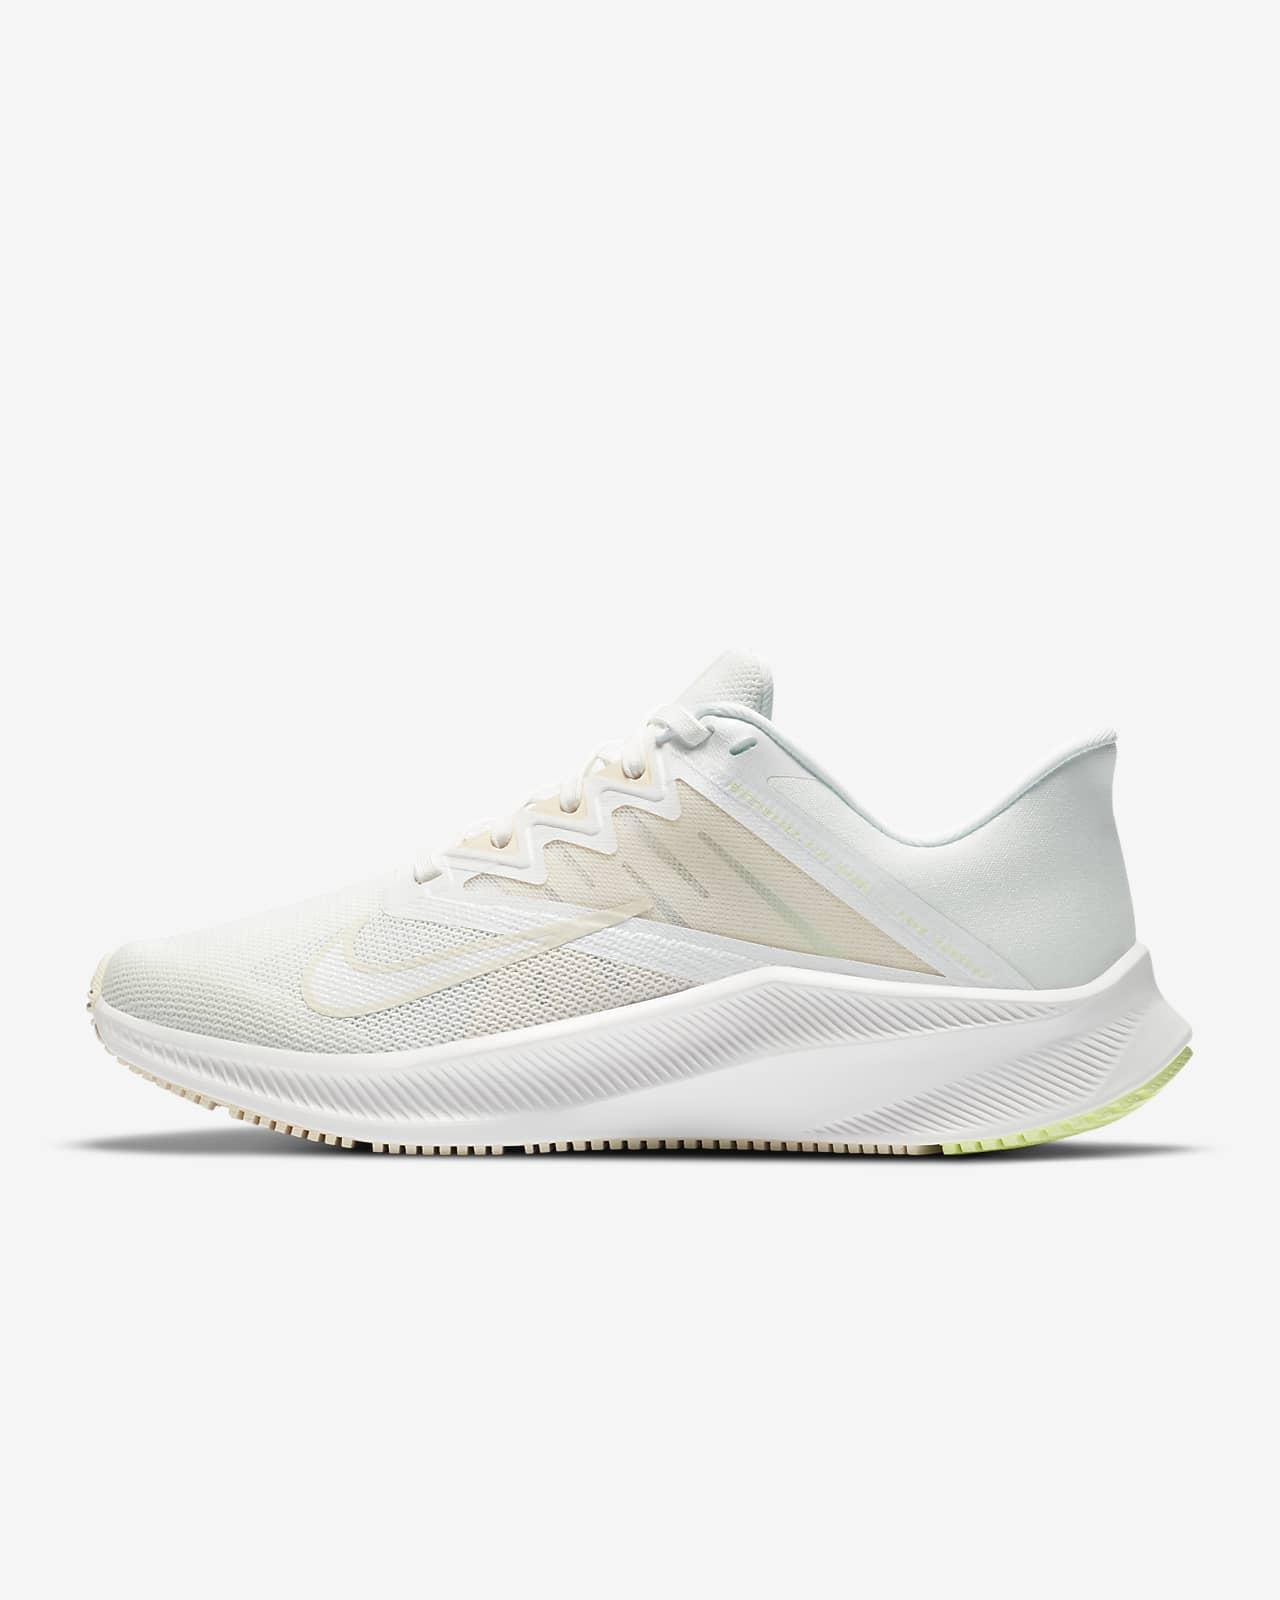 nike quest women's running shoe